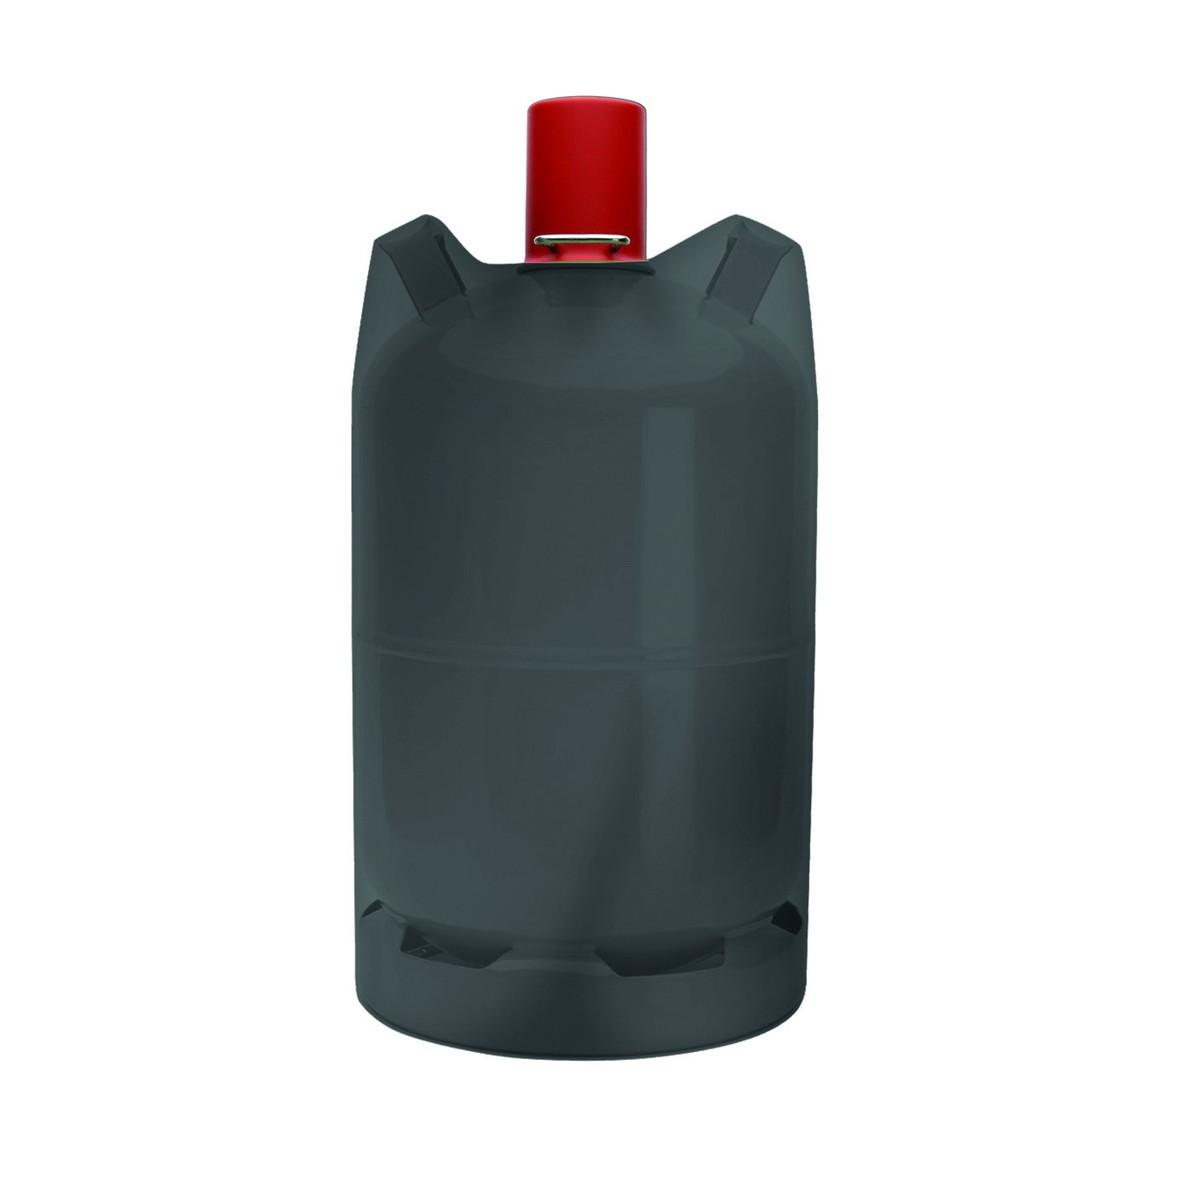 Bild 1 von Tepro, Universal Abdeckhaube - Gasflasche 5 kg, schwarz